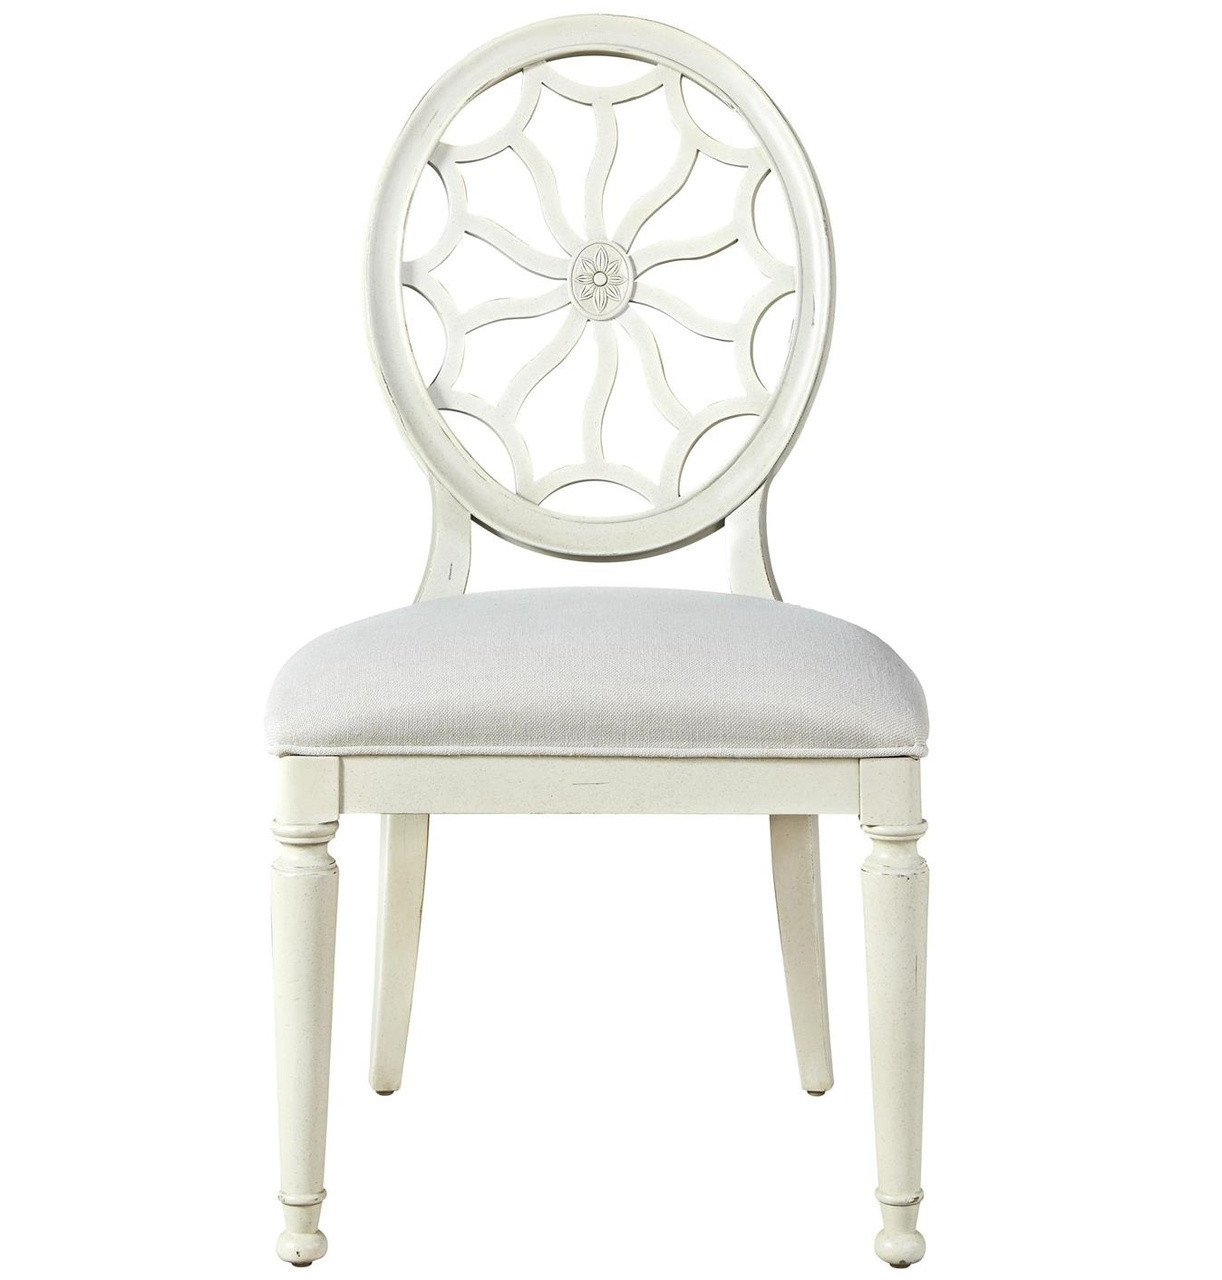 Sojourn Slip Upholstered Medallion Side Chair - White  sc 1 st  Zin Home & Sojourn Slip Upholstered Medallion Side Chair - White| Zin Home